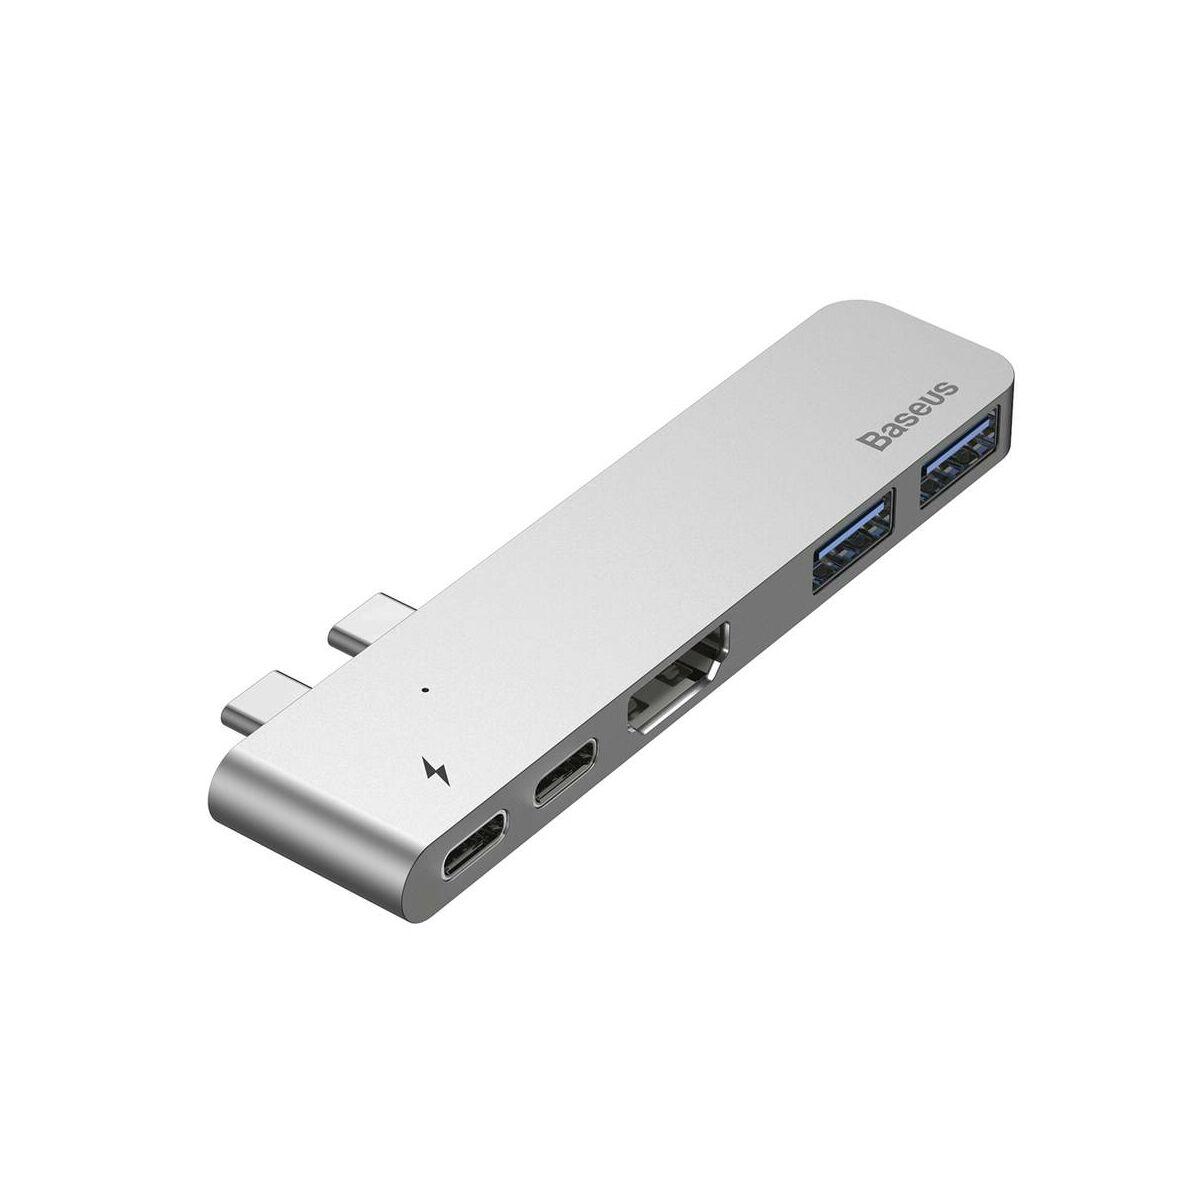 Baseus HUB, Thunderbolt (dual Type C bemenetről - 2xType-C/2xUSB3.0/HDMI/Type-C) smart dokkoló állomás, szürke (CAHUB-B0G)